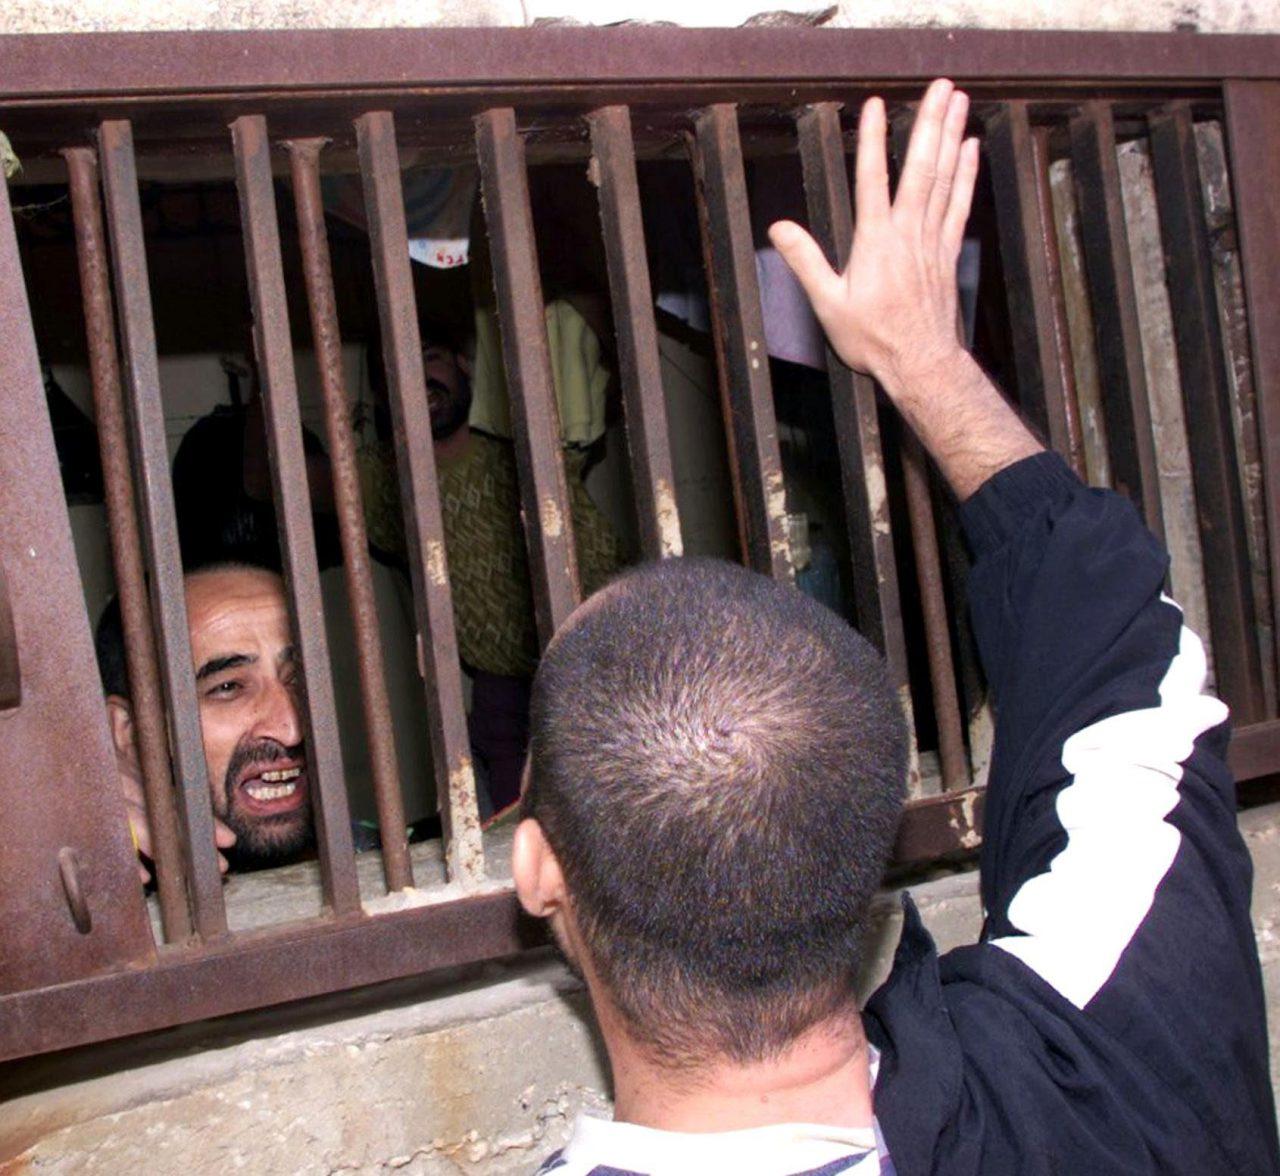 -لبناني-يبكي-فرحا-اثناء-عملية-تحرير-الاسرى-من-معتقل-الخيام1-1280x1176.jpg